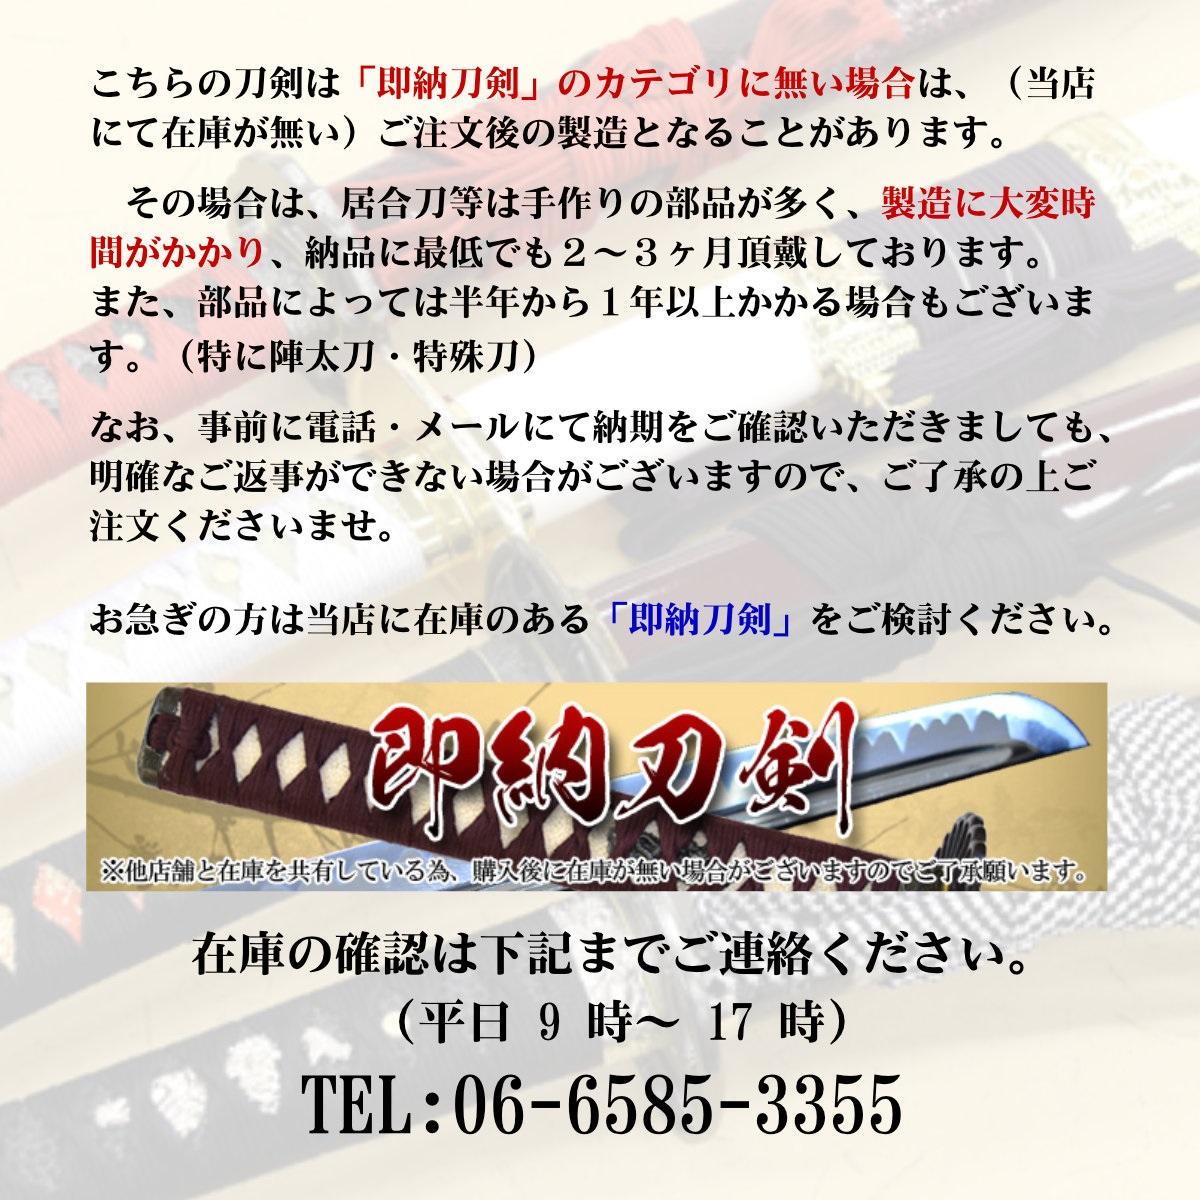 名刀伝 「土方歳三佩刀 堀川国広」大脇差 -最高級仕様拵え- (刀袋付き)